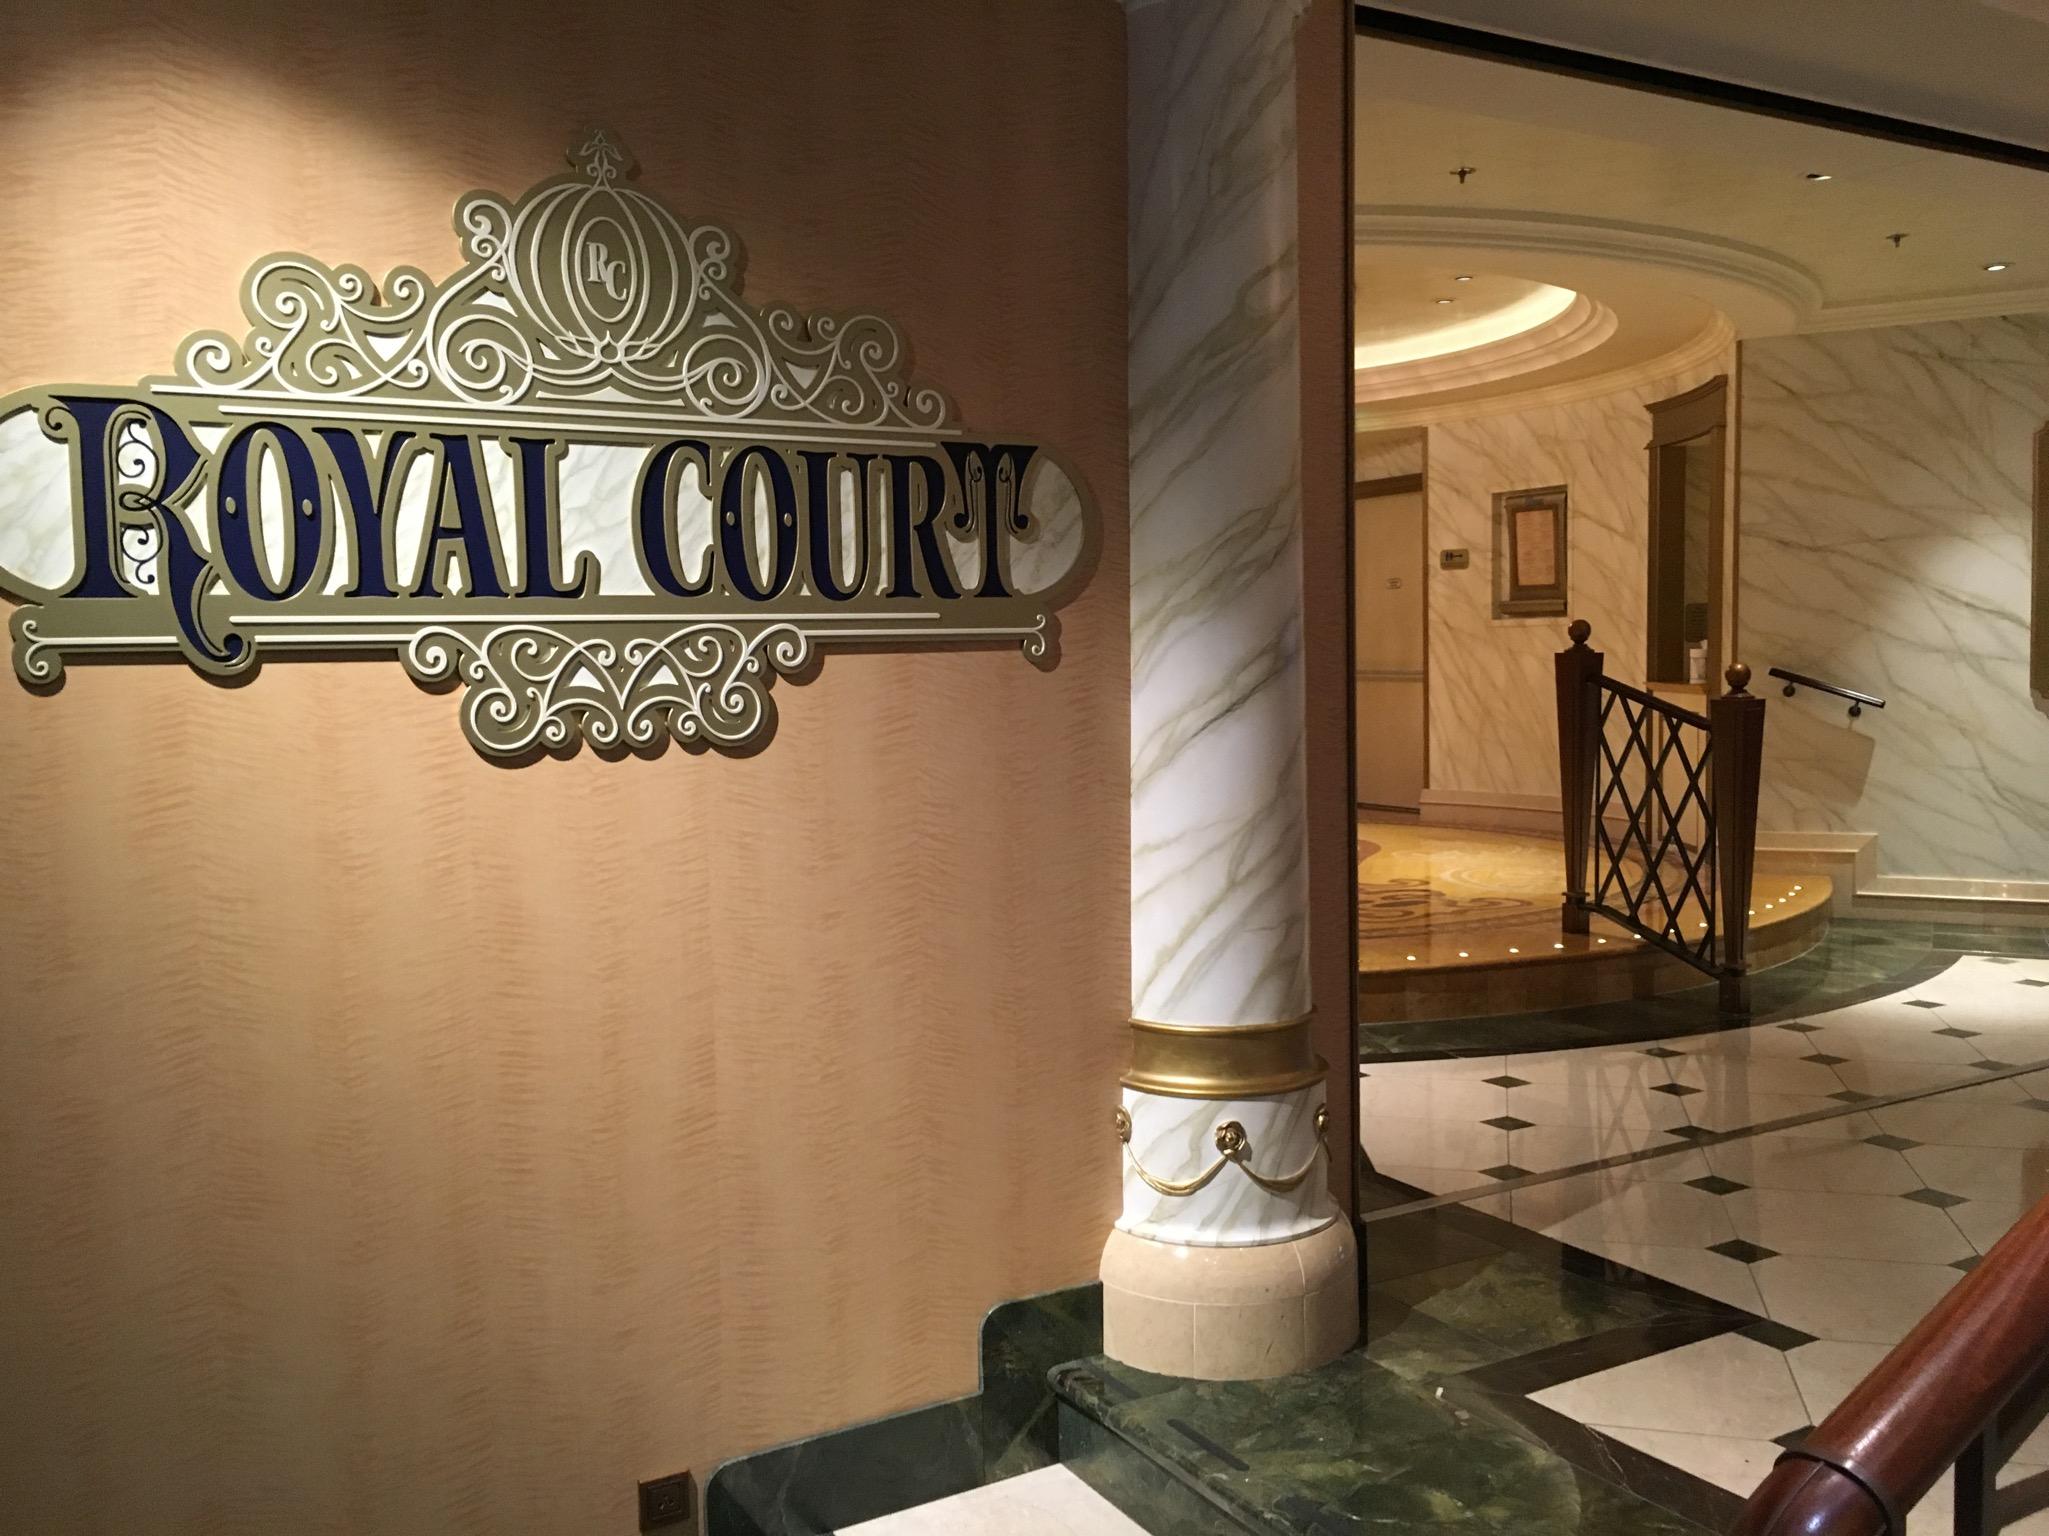 RoyalCourtSignage